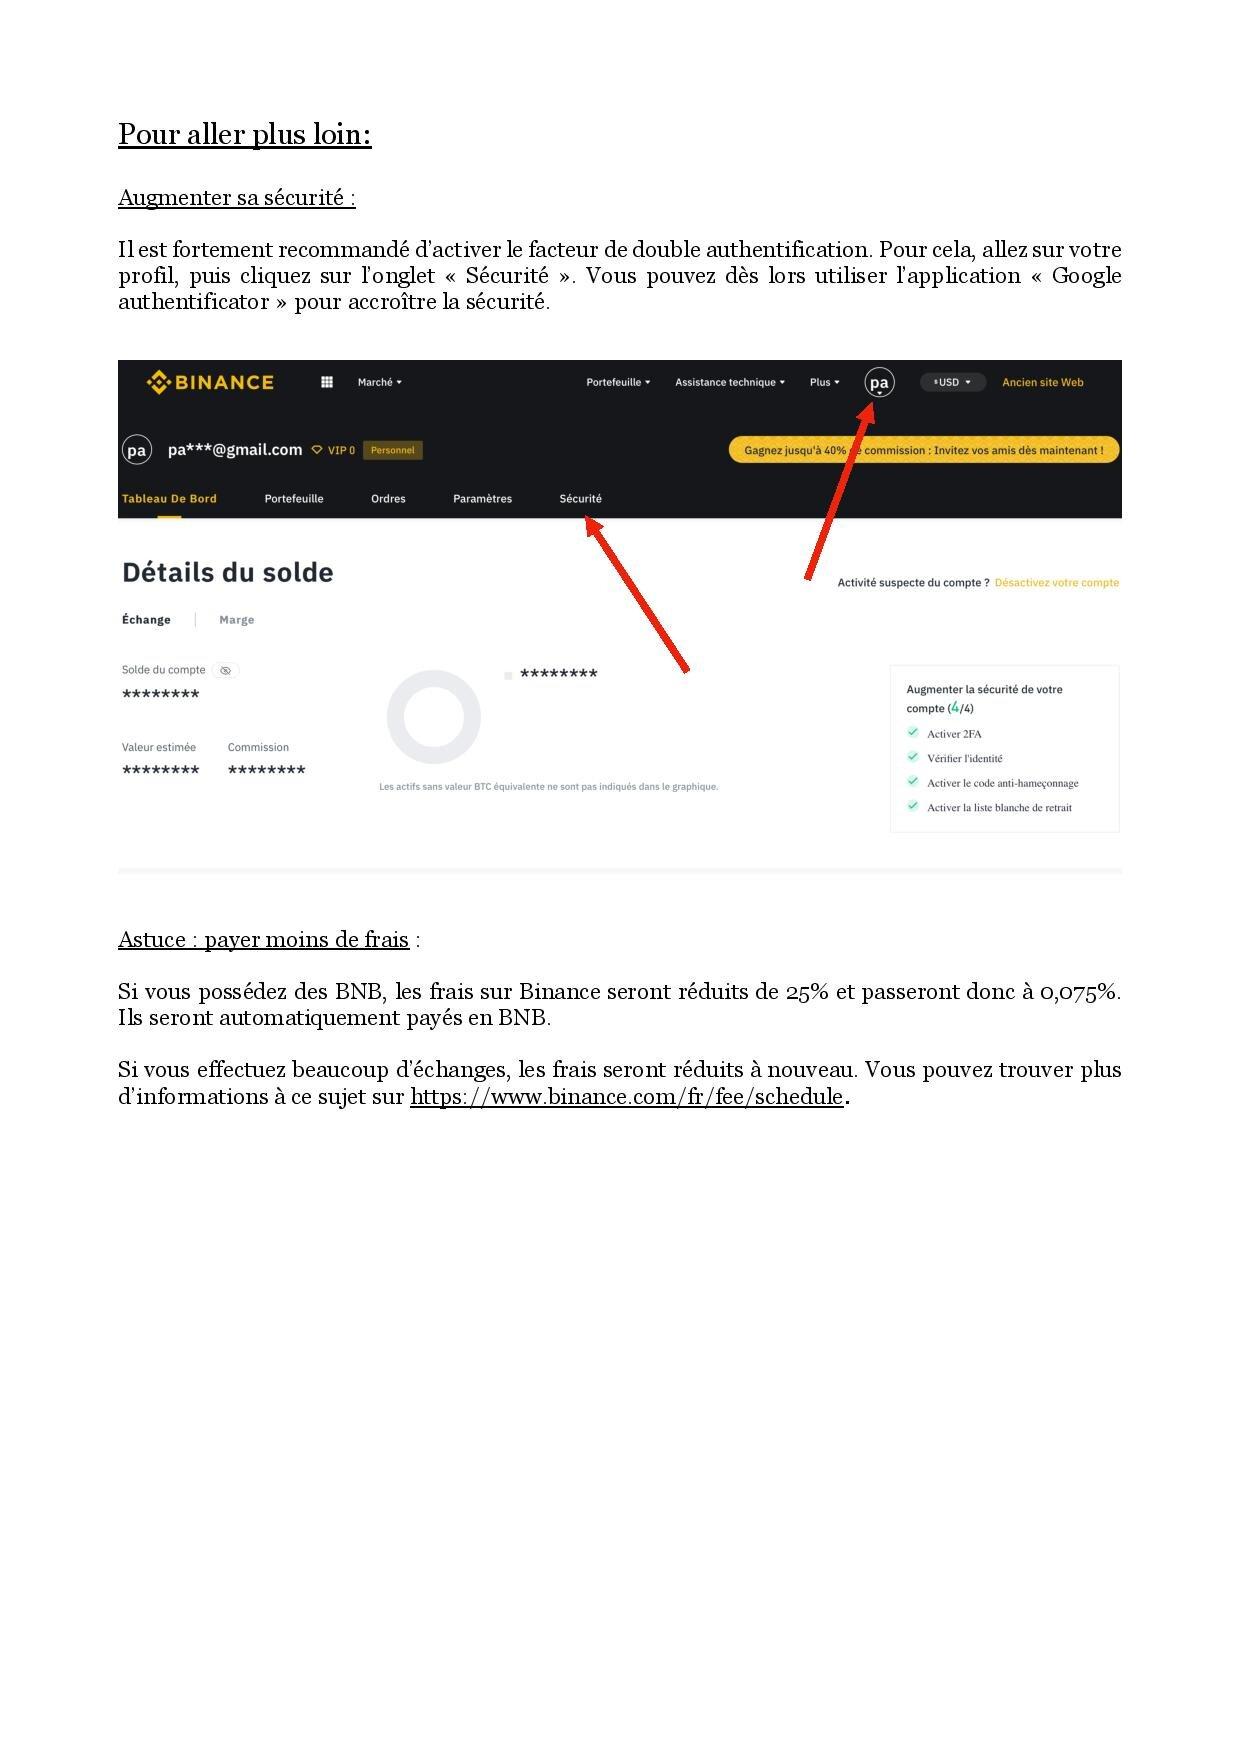 Binance-altcoins (11)-page-006.jpg